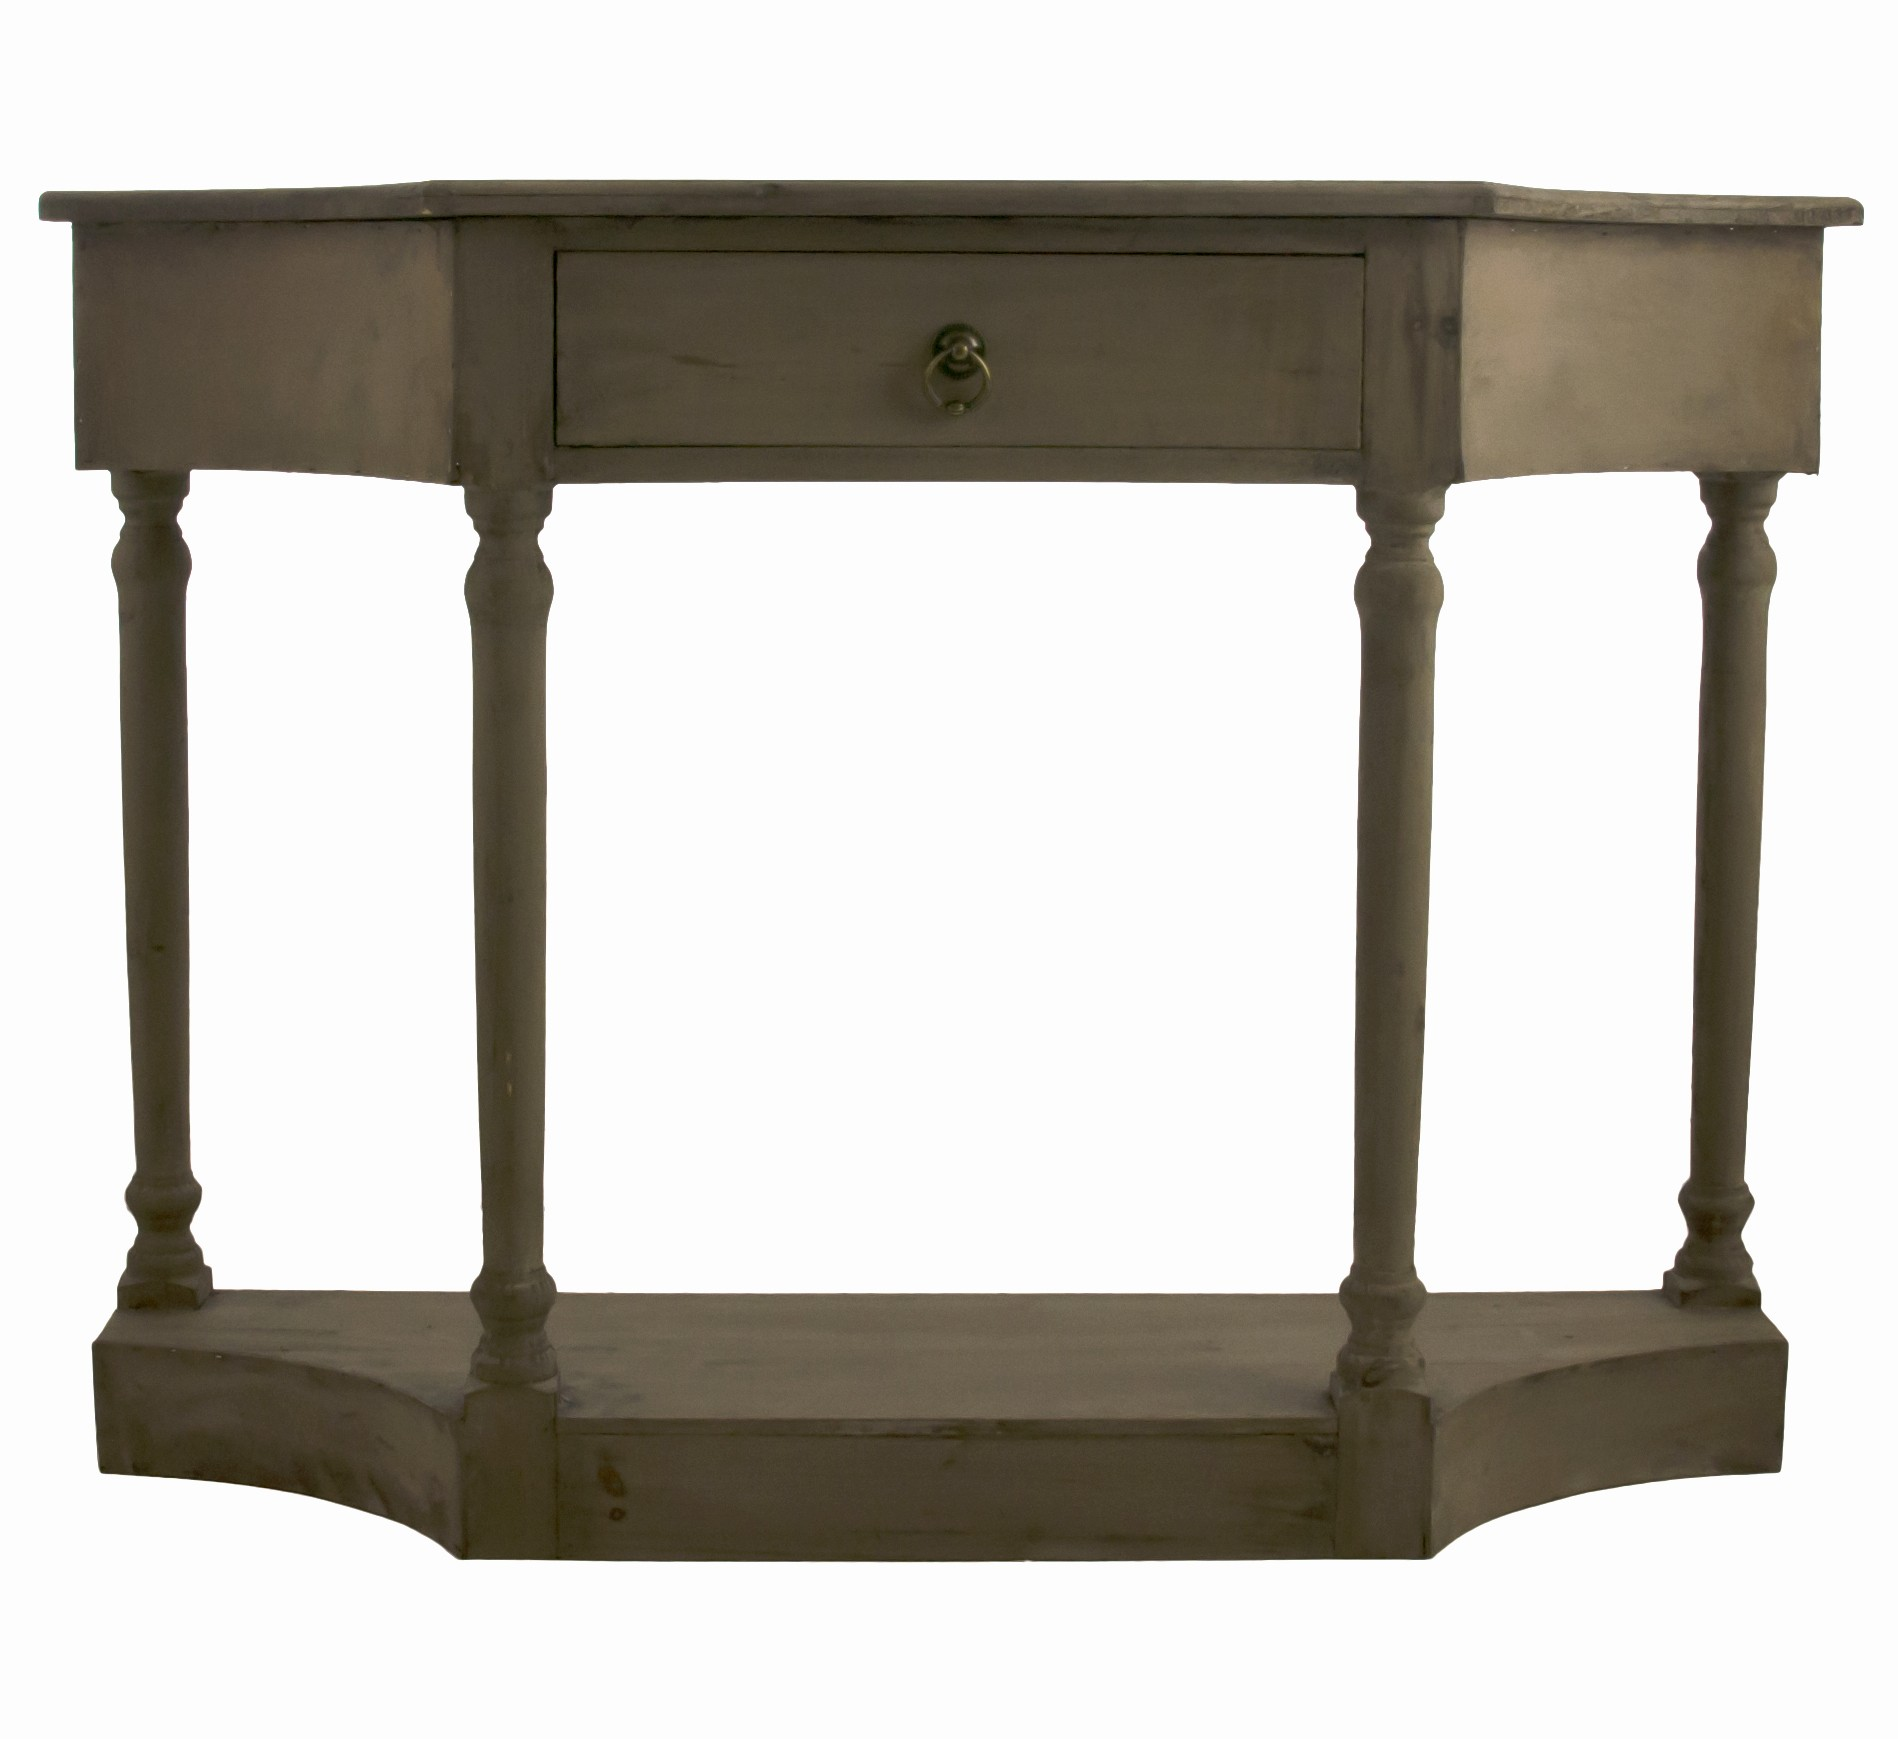 Table de cuisine haute avec rangement incruste dans une tagre de rangements cette petite table for Table console pour cuisine